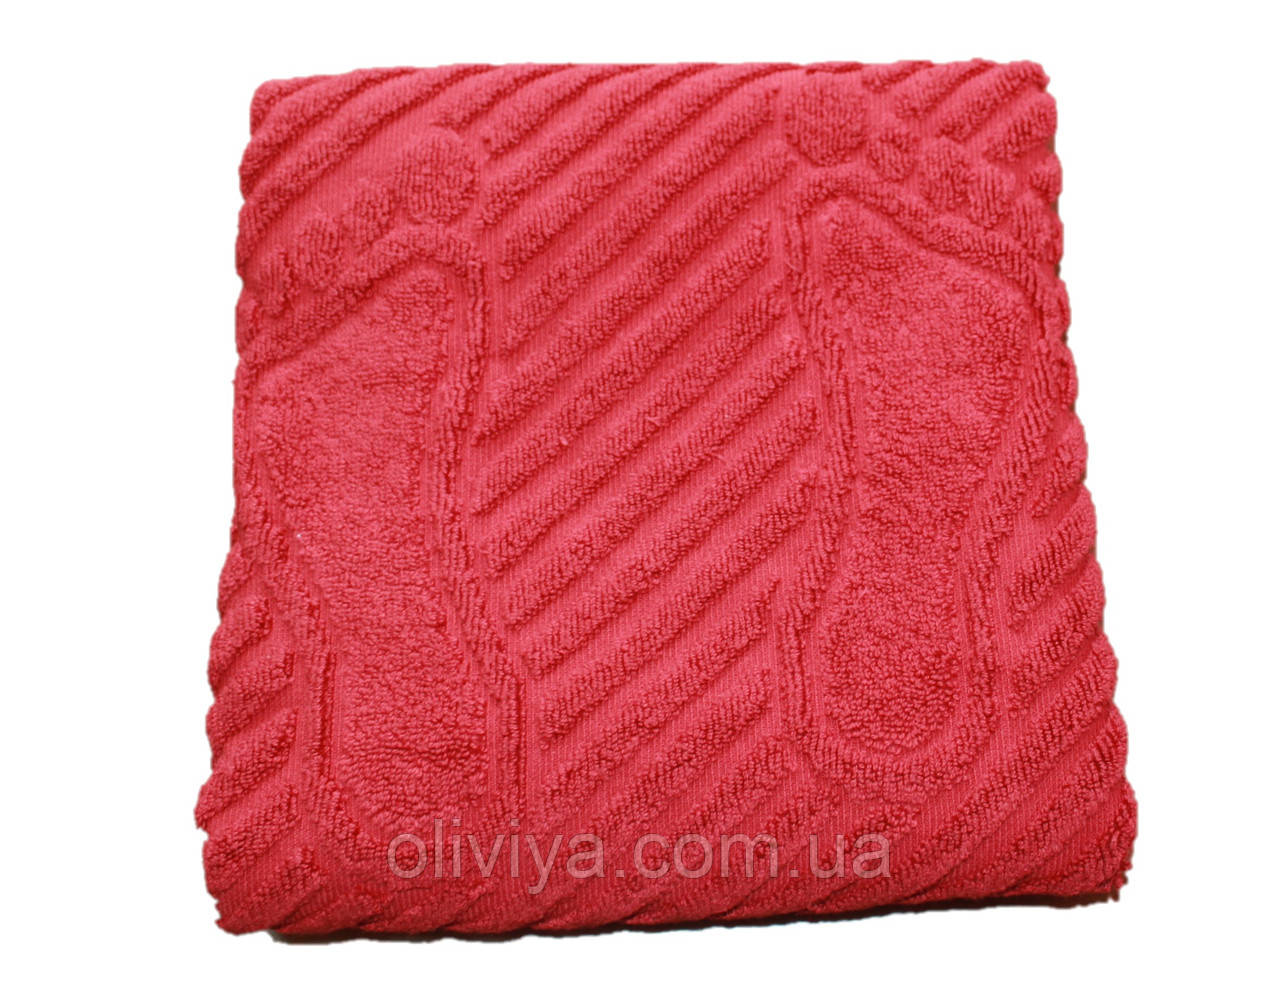 Полотенце/коврик для ног (кирпичный)